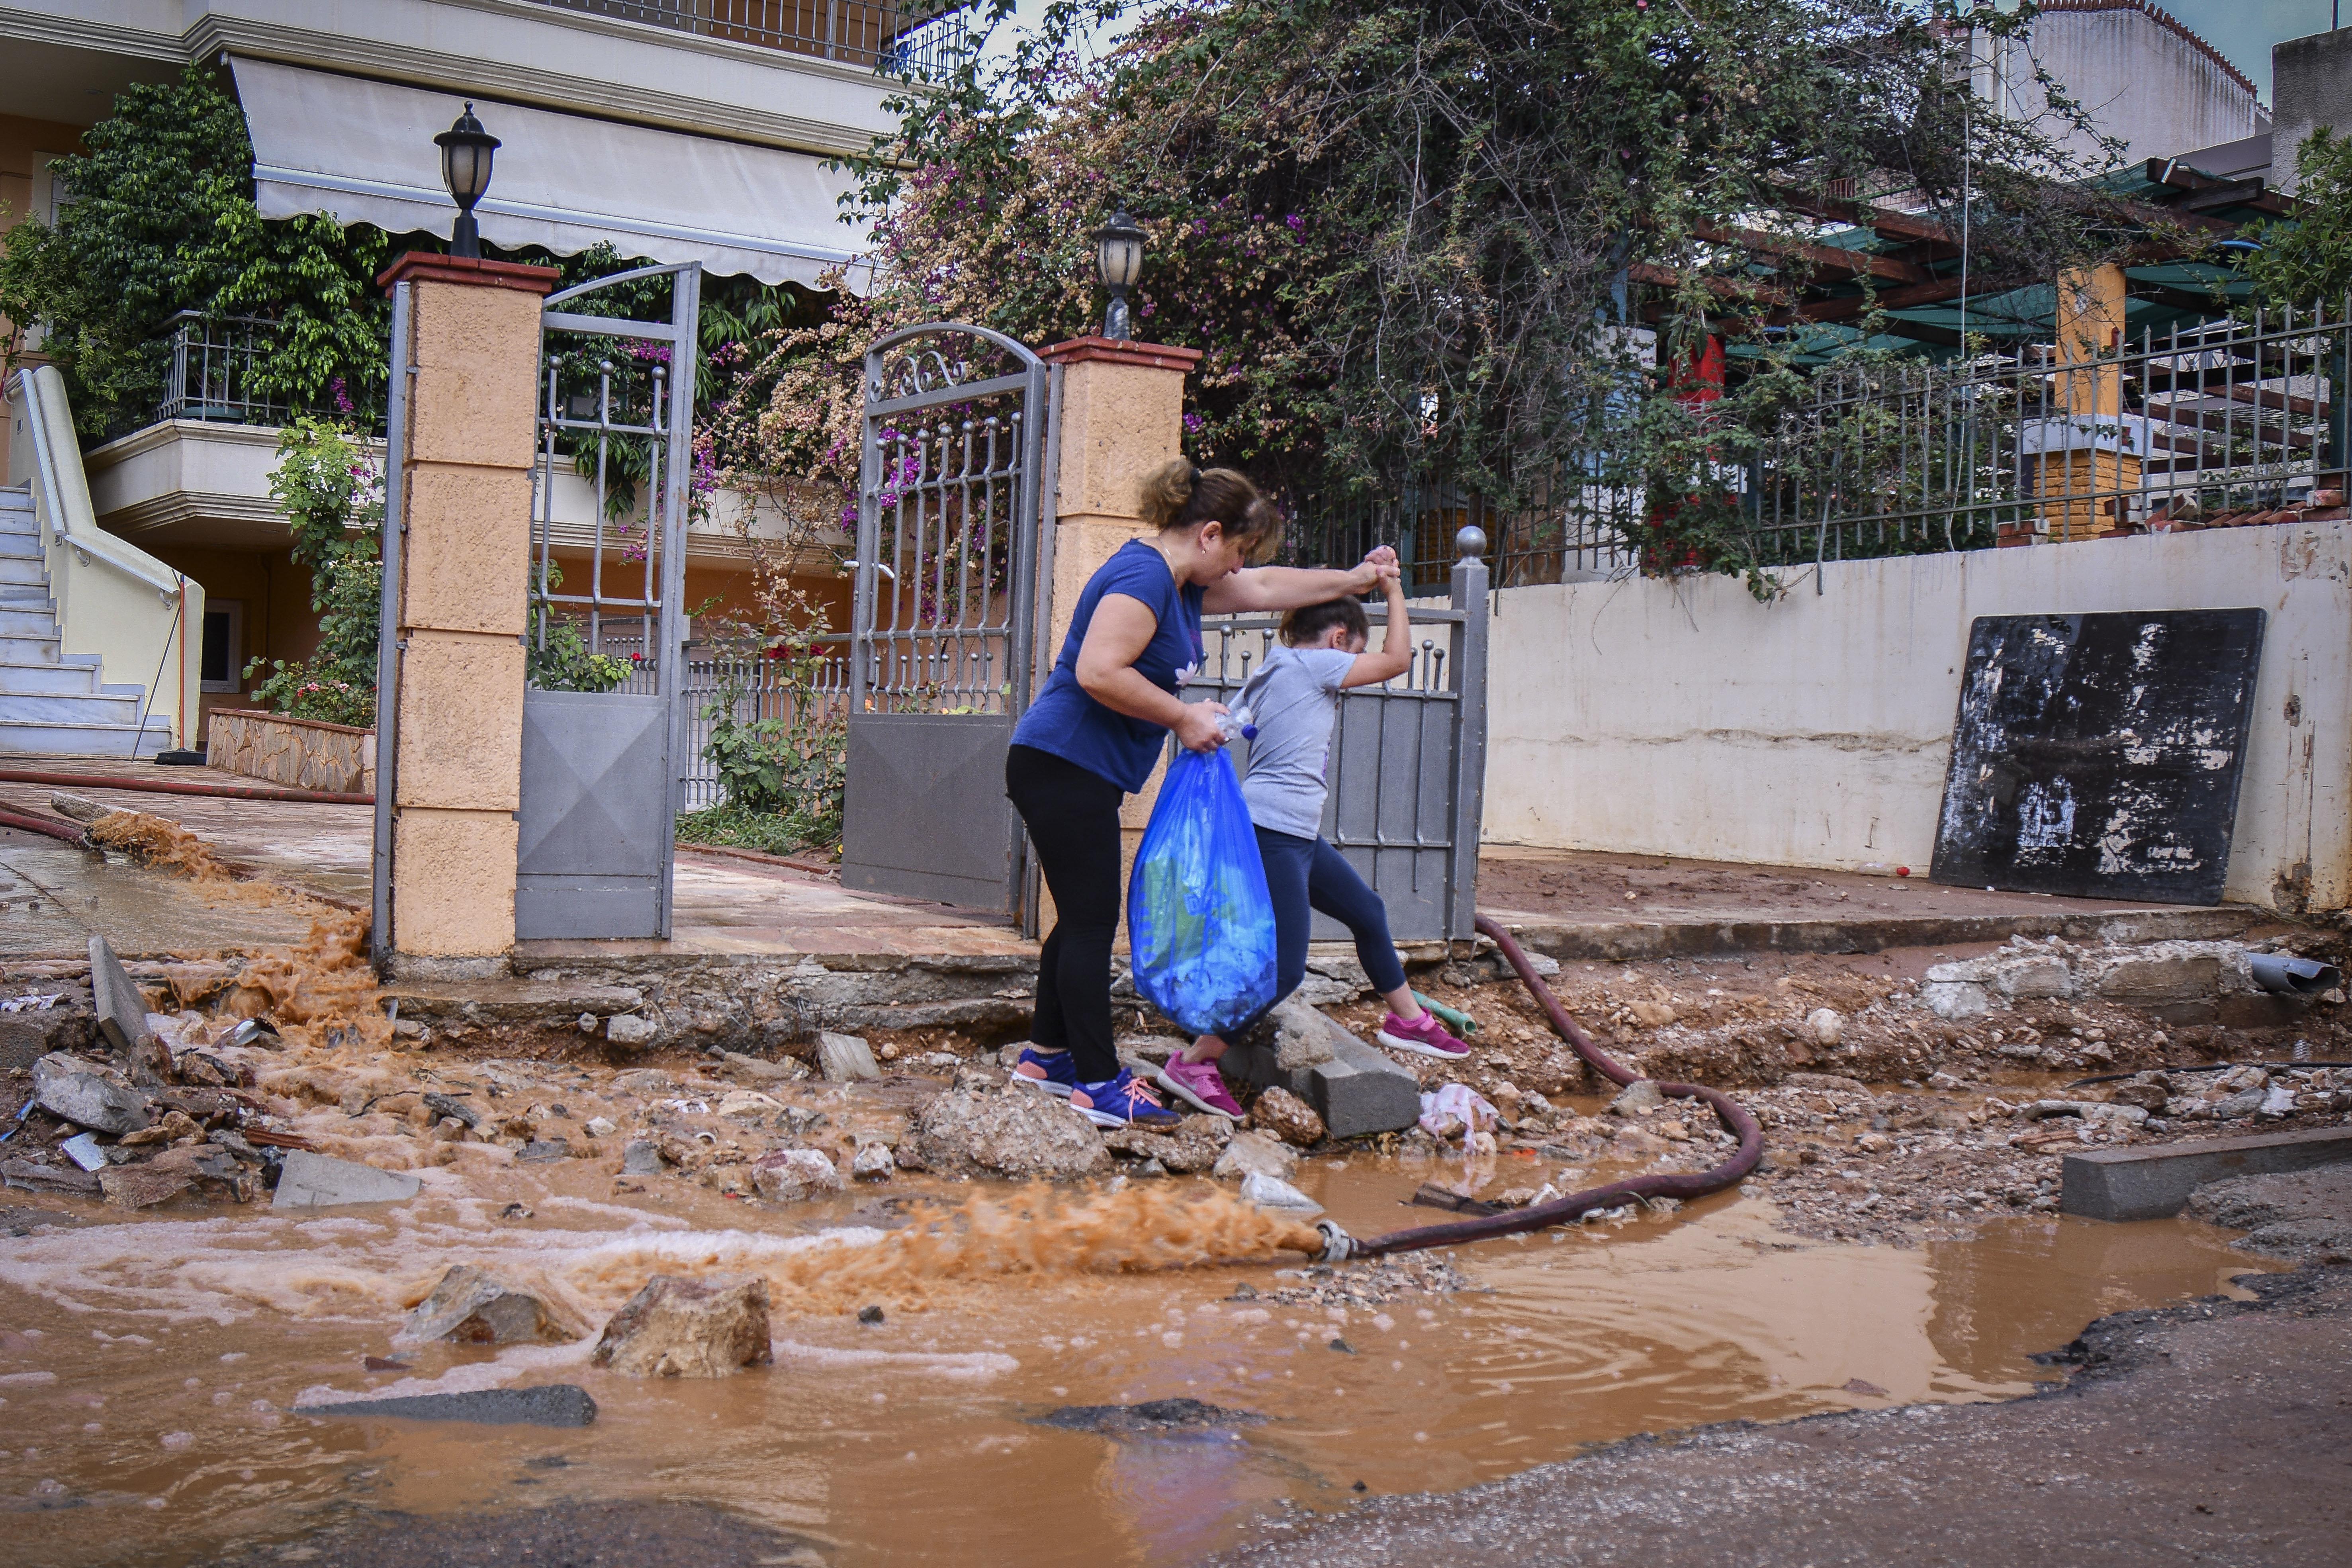 Κάτοικοι της Μάνδρας: «Να μάθουμε ποιοι είναι οι υπεύθυνοι της καταστροφής, αλλά κυρίως να γίνουν τα